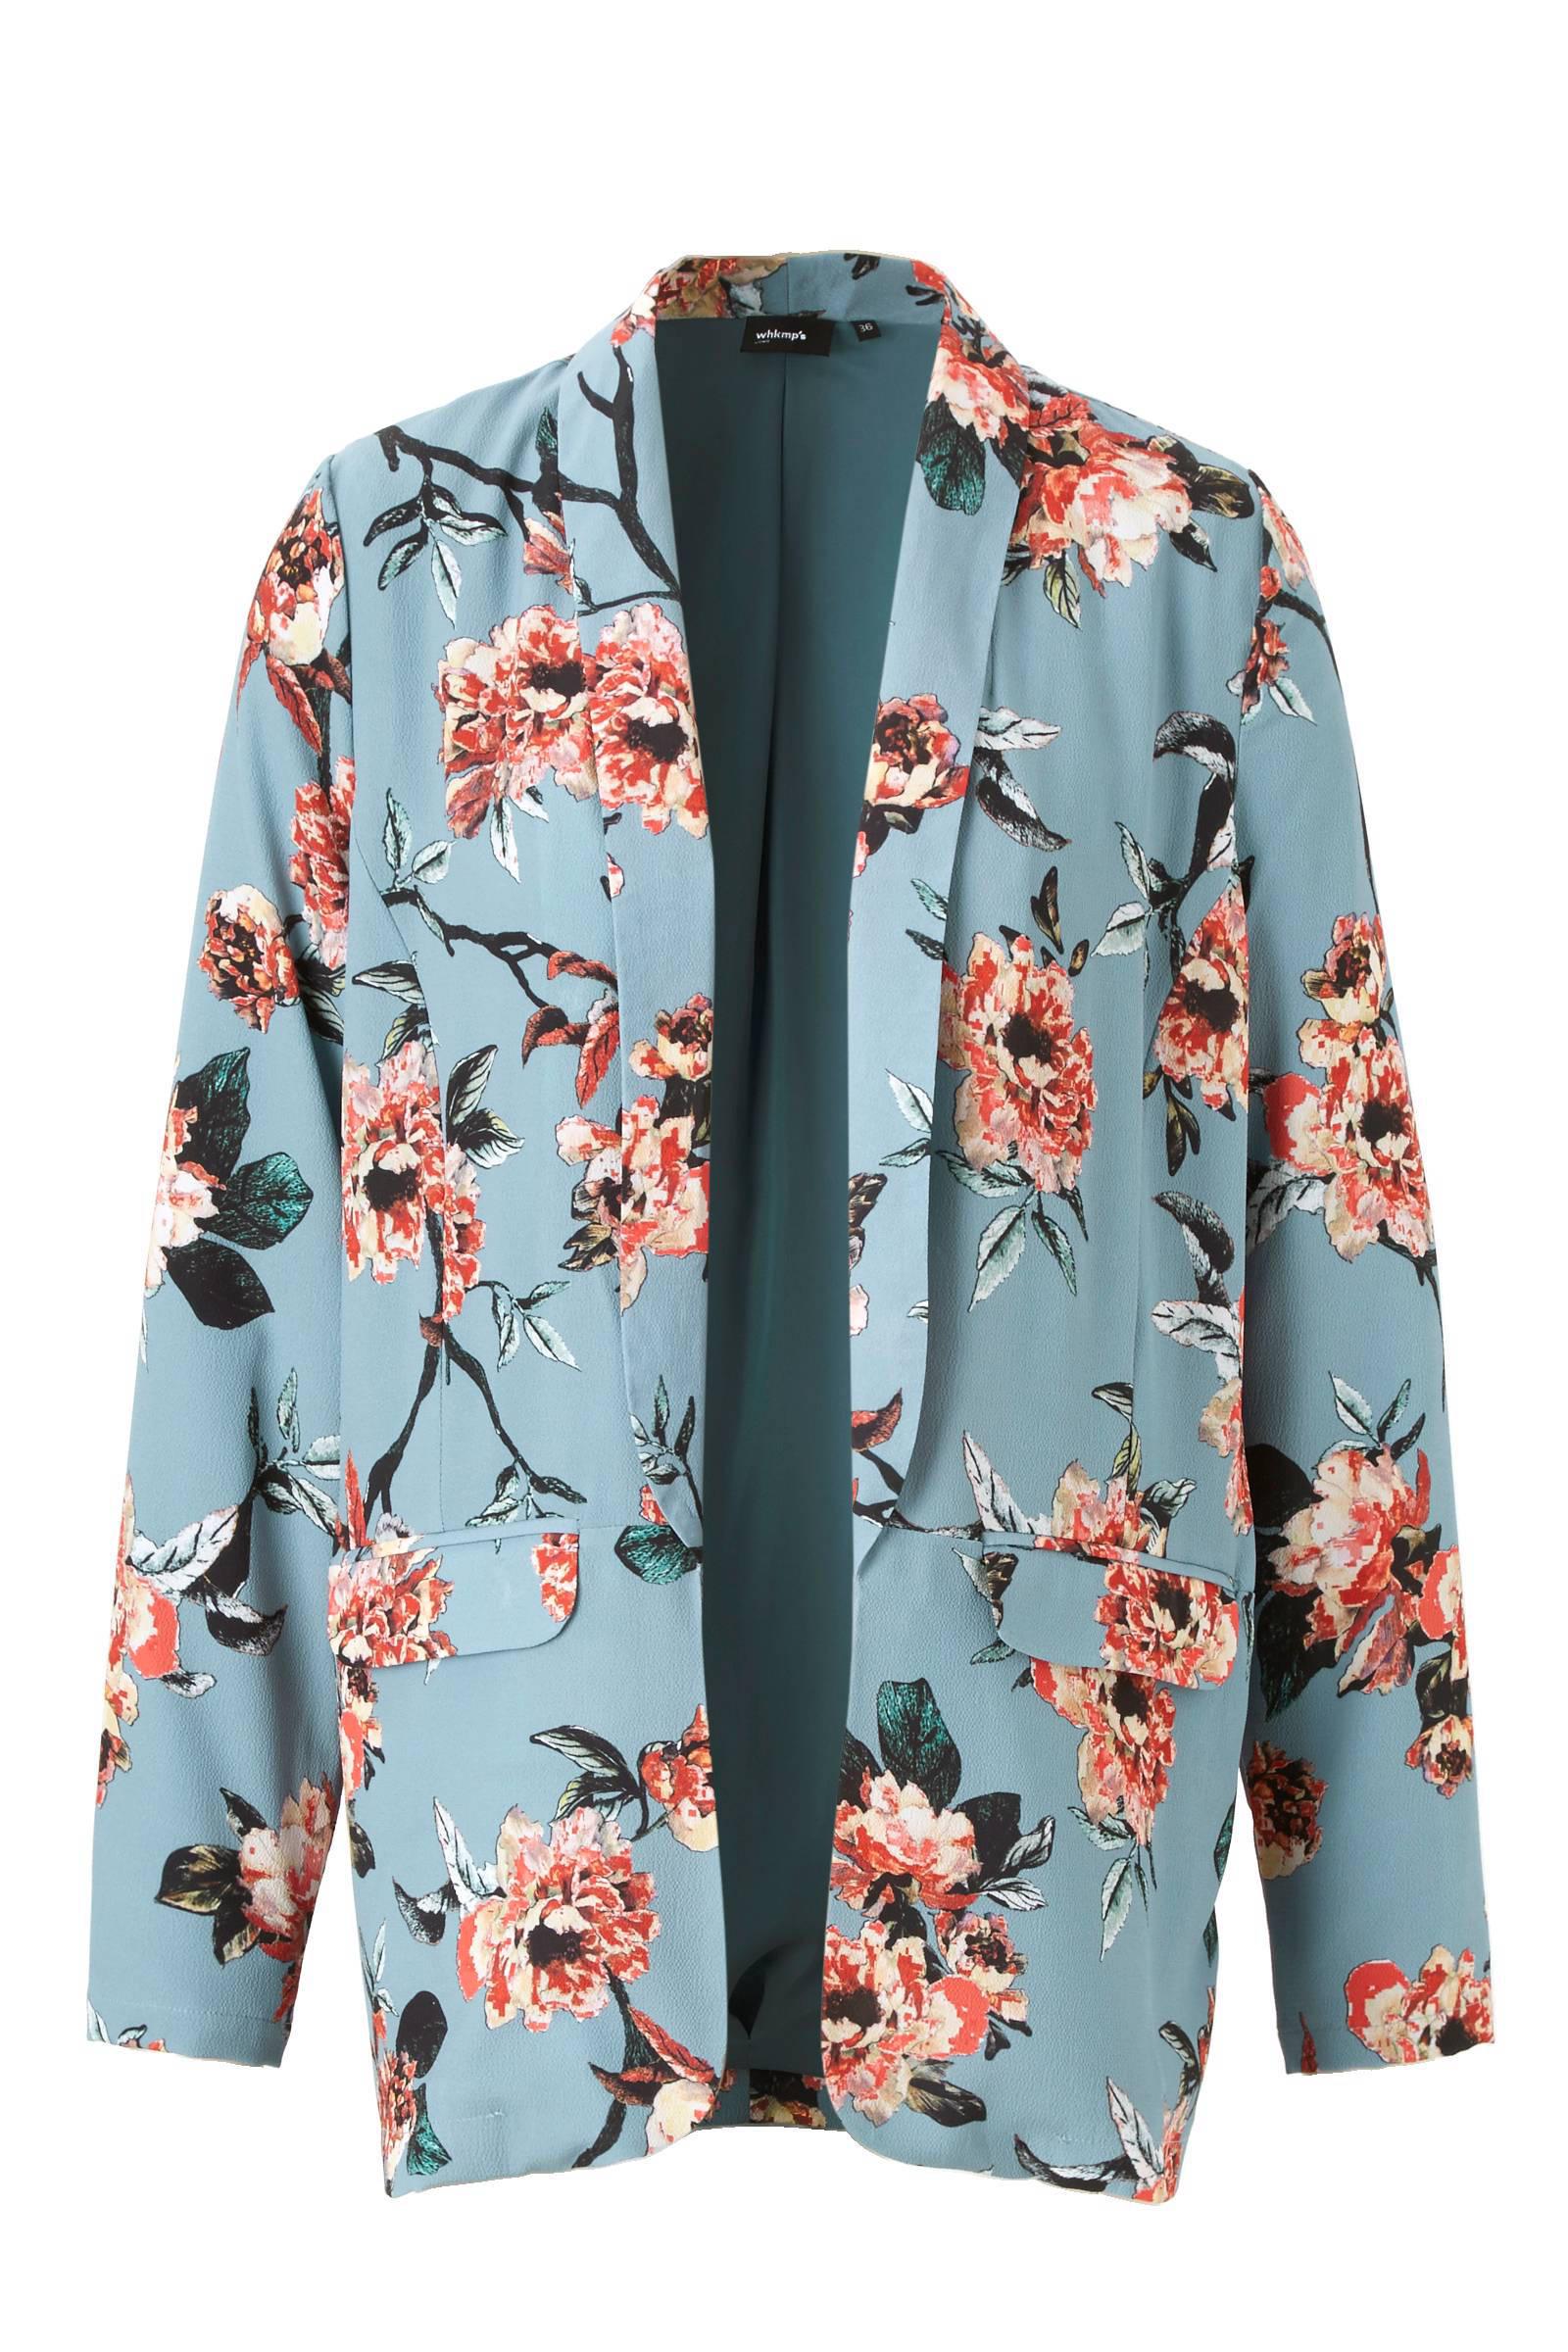 whkmp's own gevoerde crépe geweven blazer (dames)